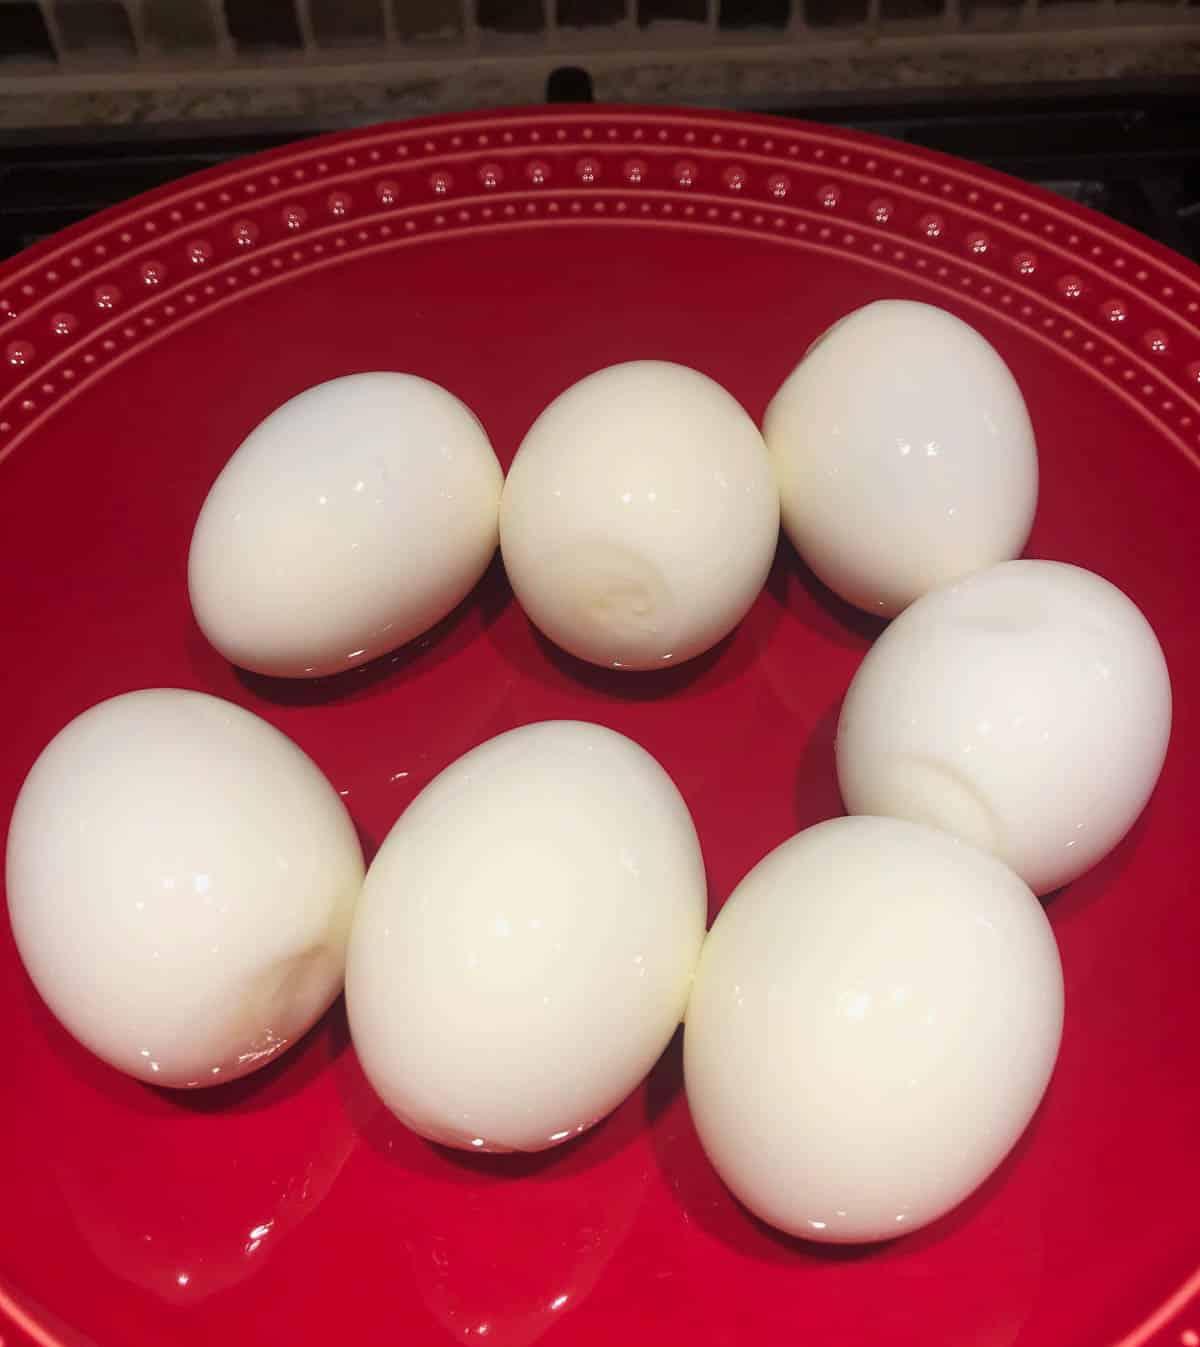 instant pot hard boiled eggs